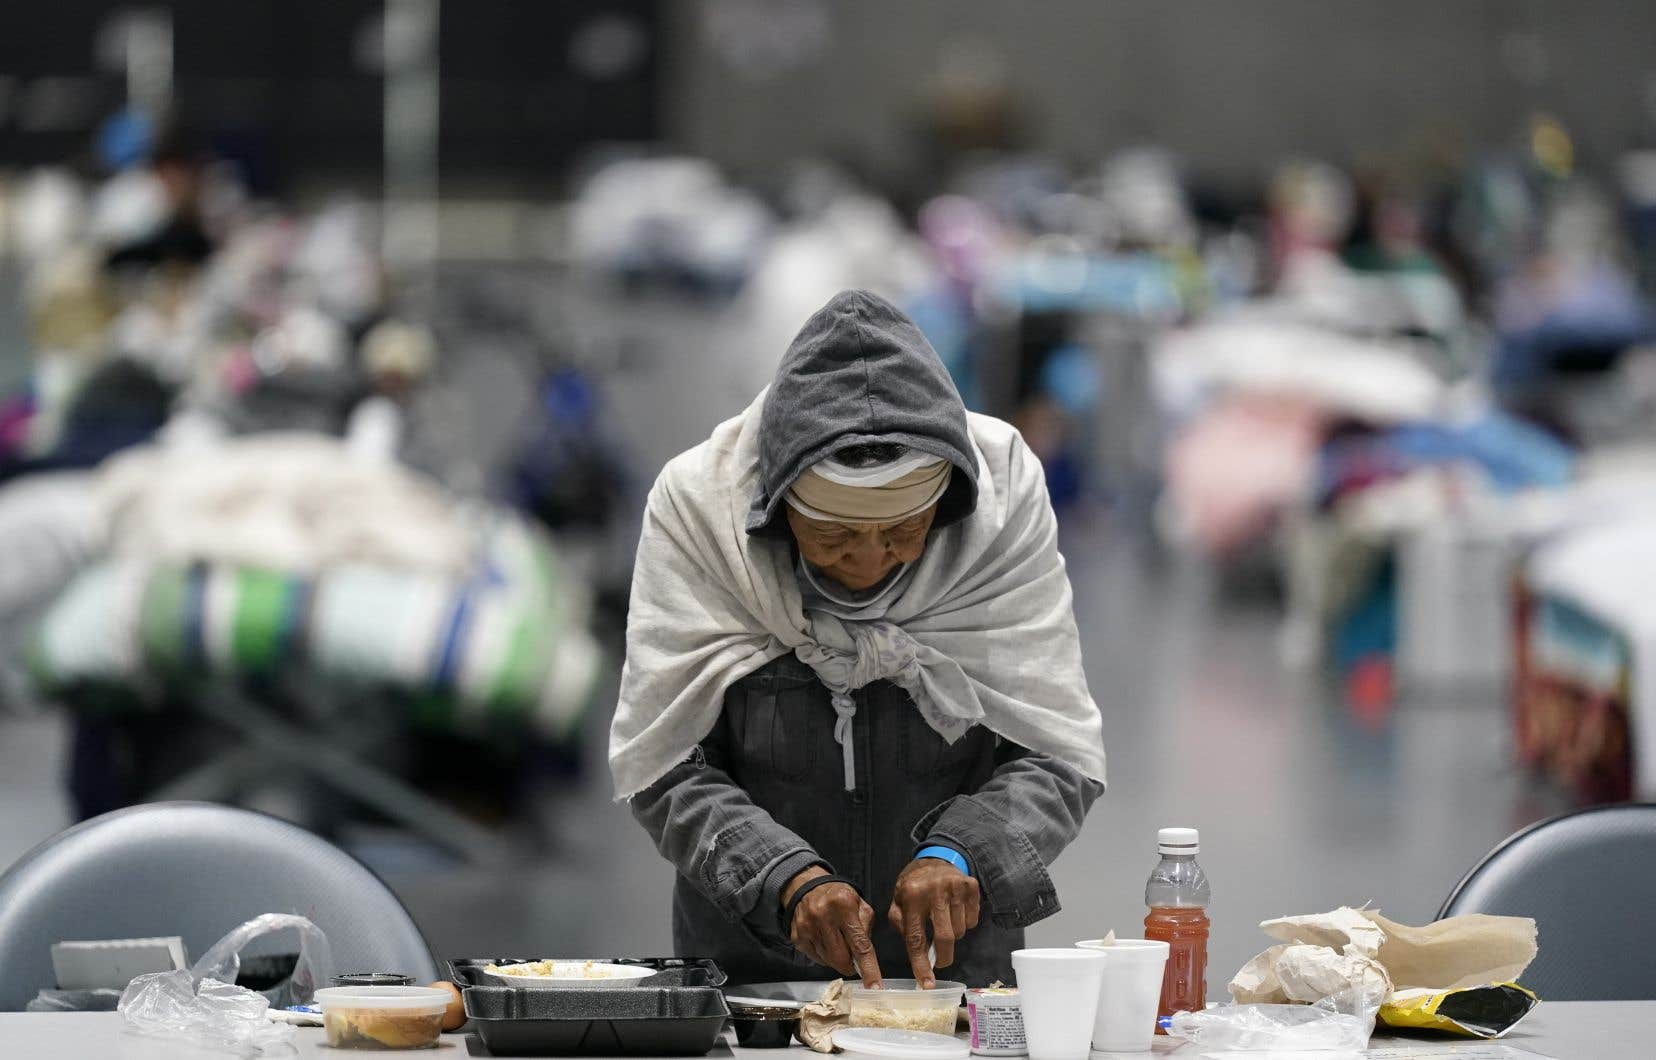 Les Latinos, comme les Afro-Américains, plus touchés par la COVID-19 que le reste de la population, se retrouvent en première ligne de la contagion, dans des lieux de travail insalubres, et en occupant des emplois essentiels où le niveau d'exposition est plus élevé.